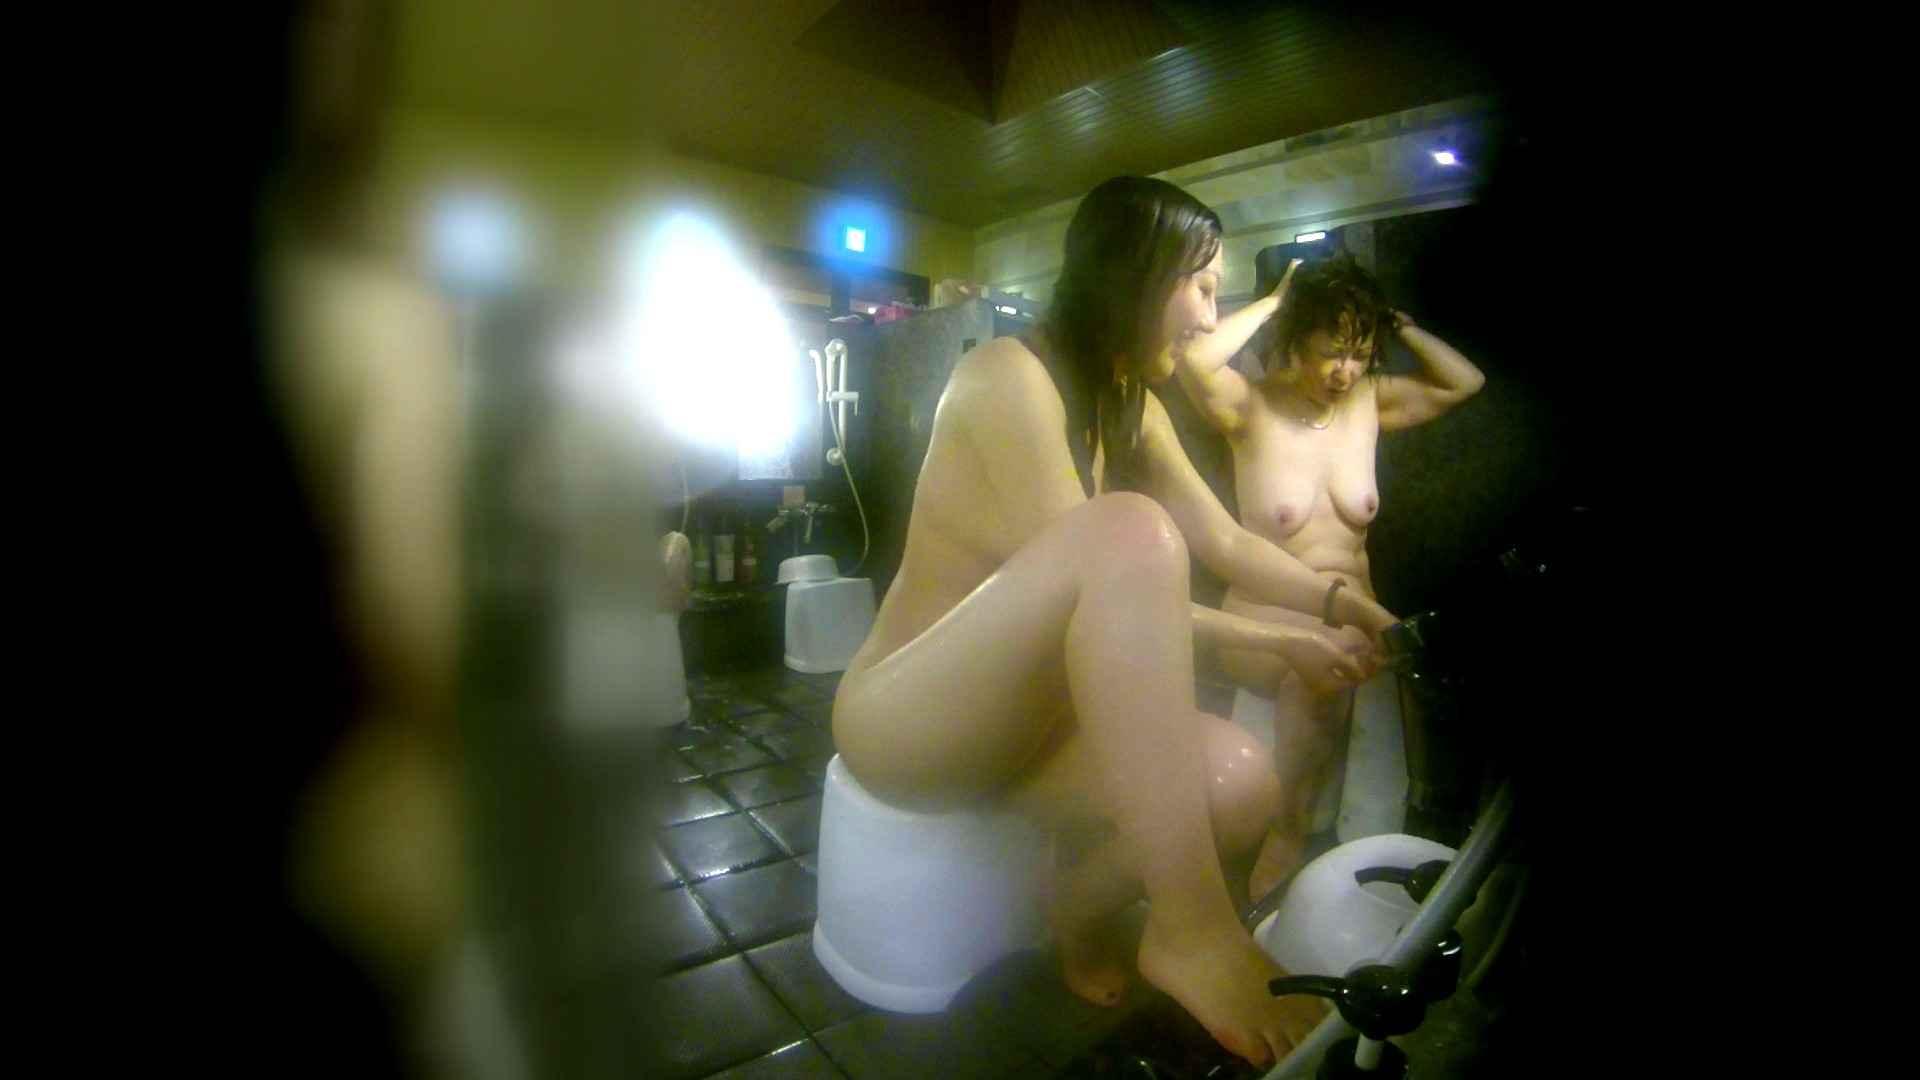 洗い場!右足の位置がいいですね。陰毛もっさり! 美肌 オメコ動画キャプチャ 107枚 24